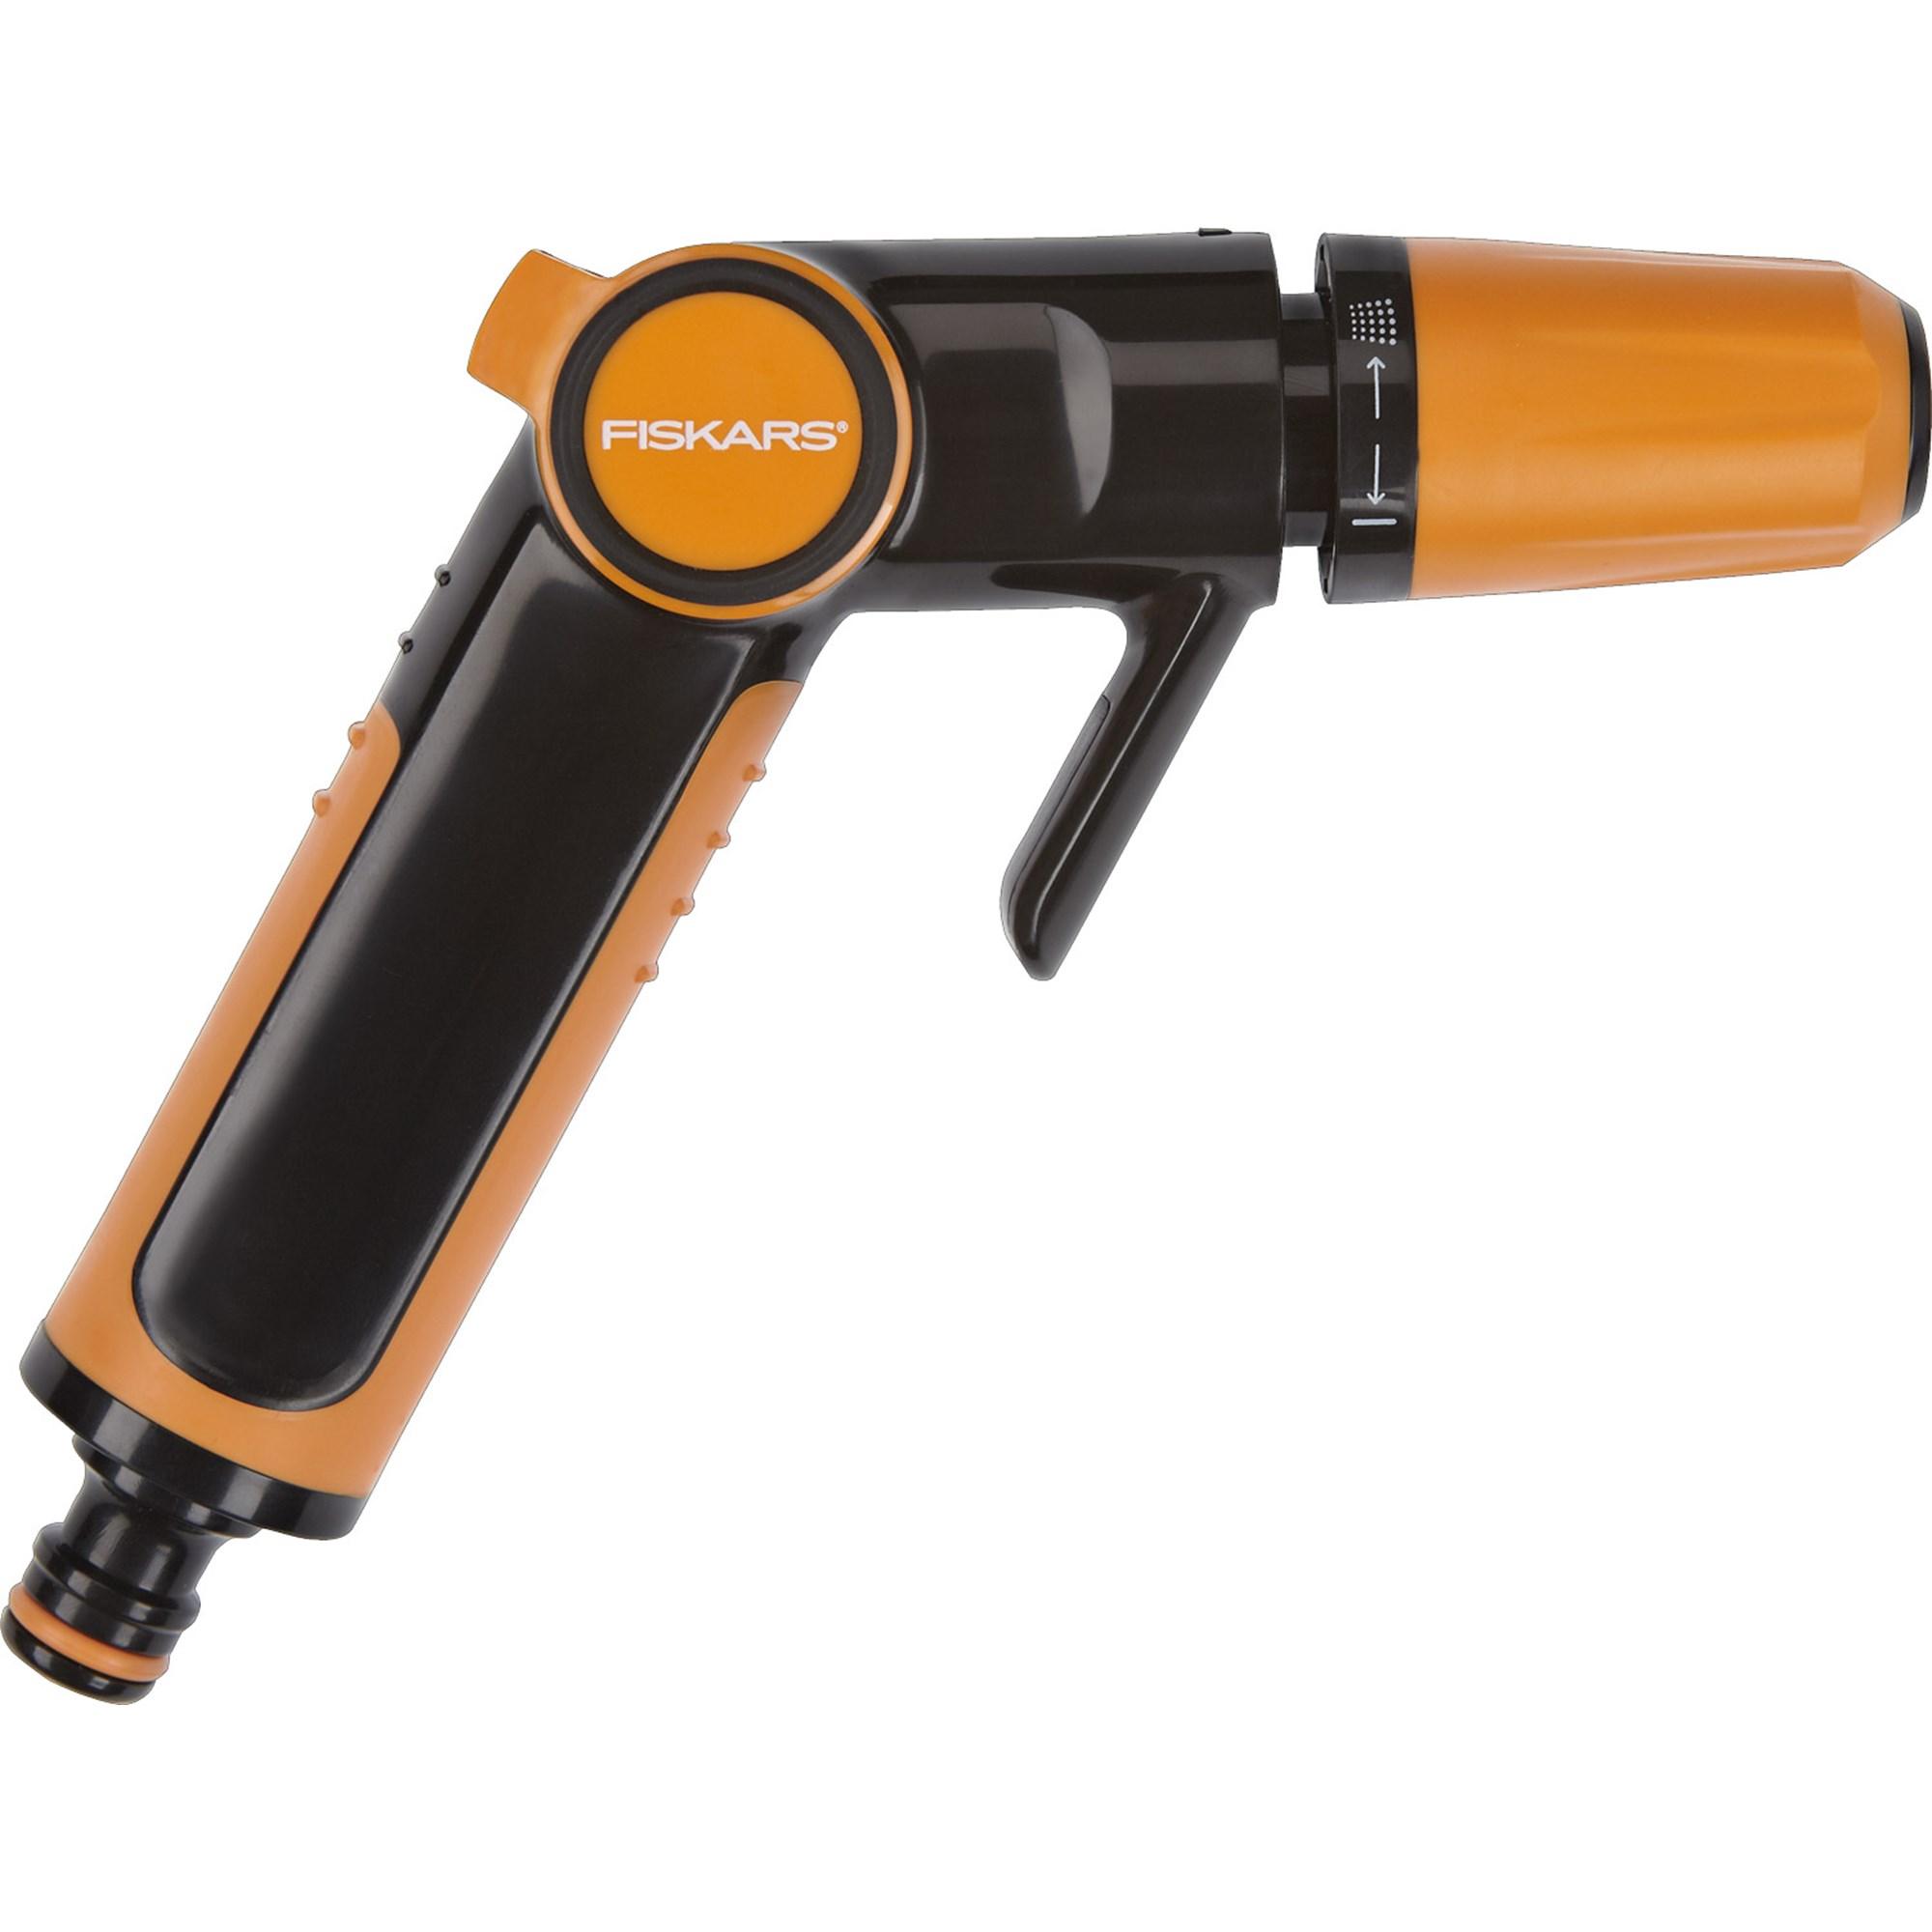 Fiskars - Spray Gun